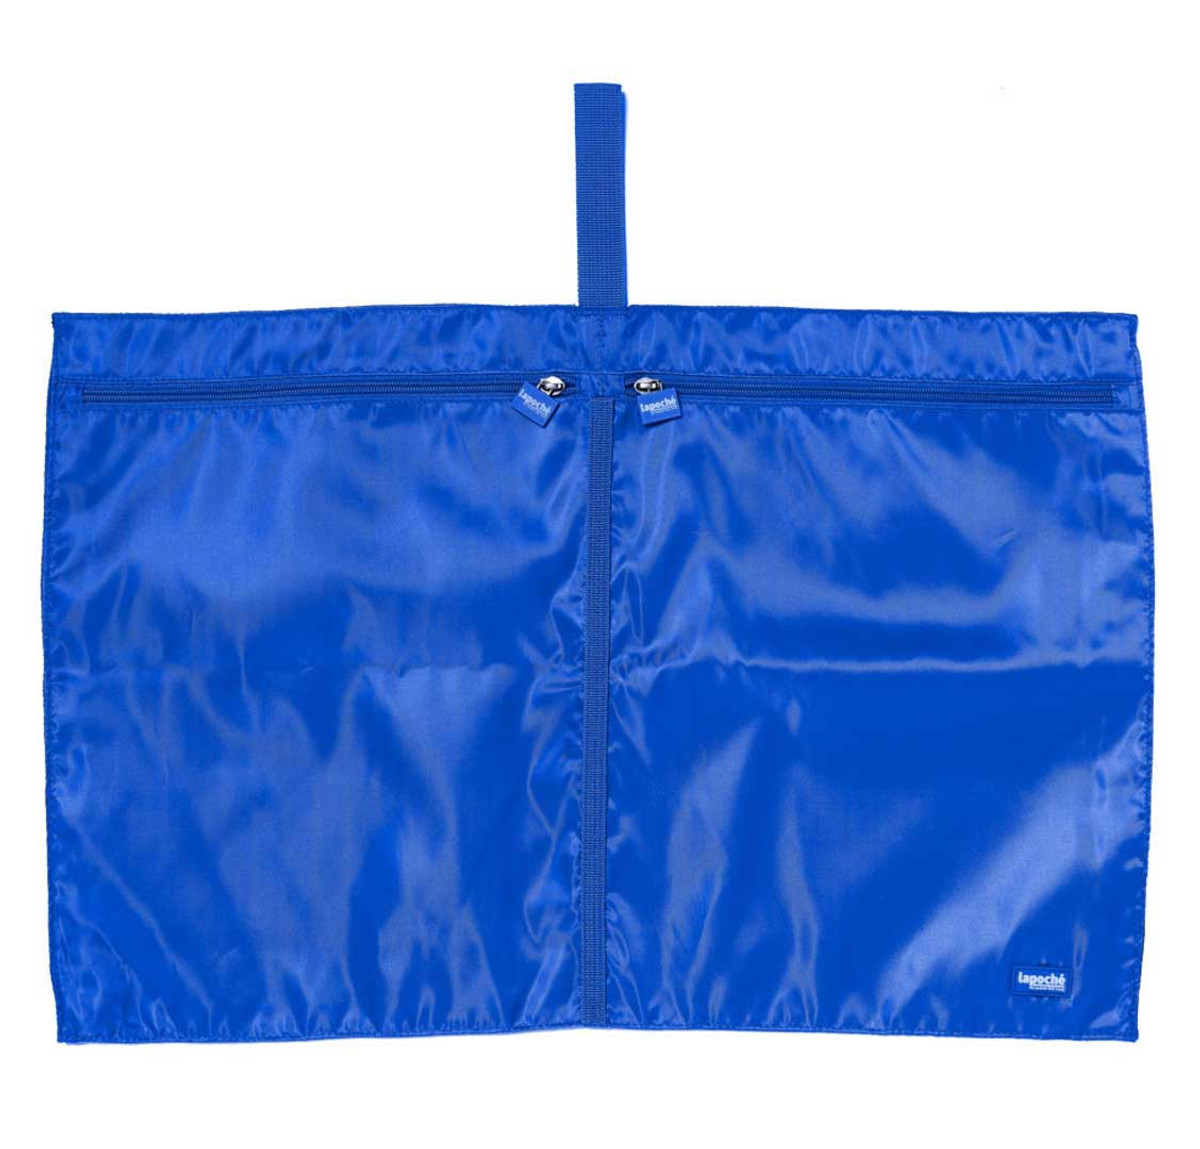 LaPoche Laundry bag blue